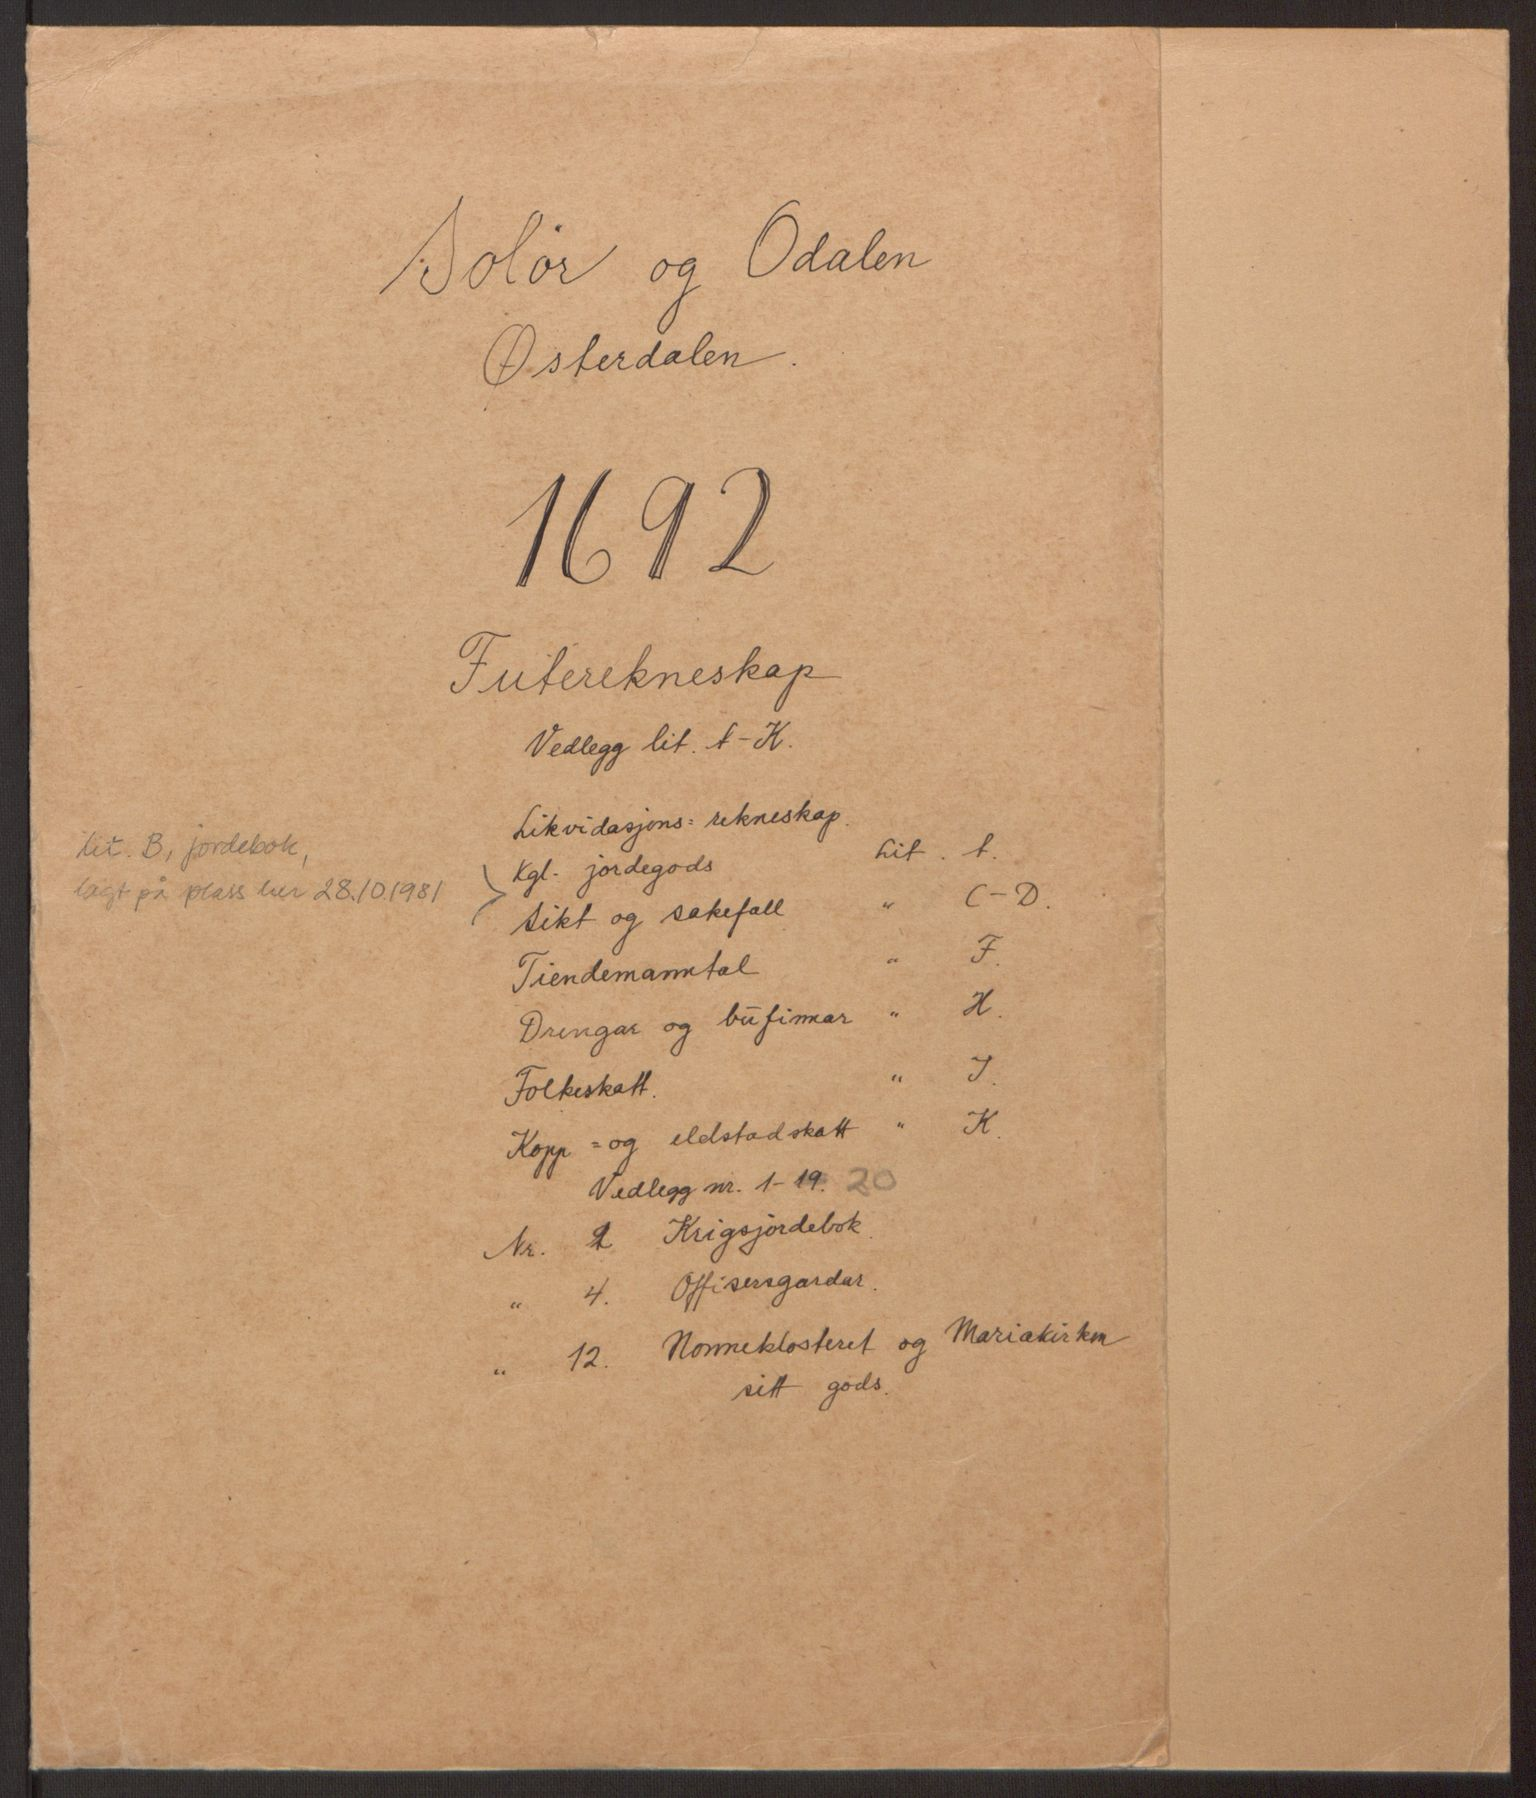 RA, Rentekammeret inntil 1814, Reviderte regnskaper, Fogderegnskap, R13/L0830: Fogderegnskap Solør, Odal og Østerdal, 1692, s. 2